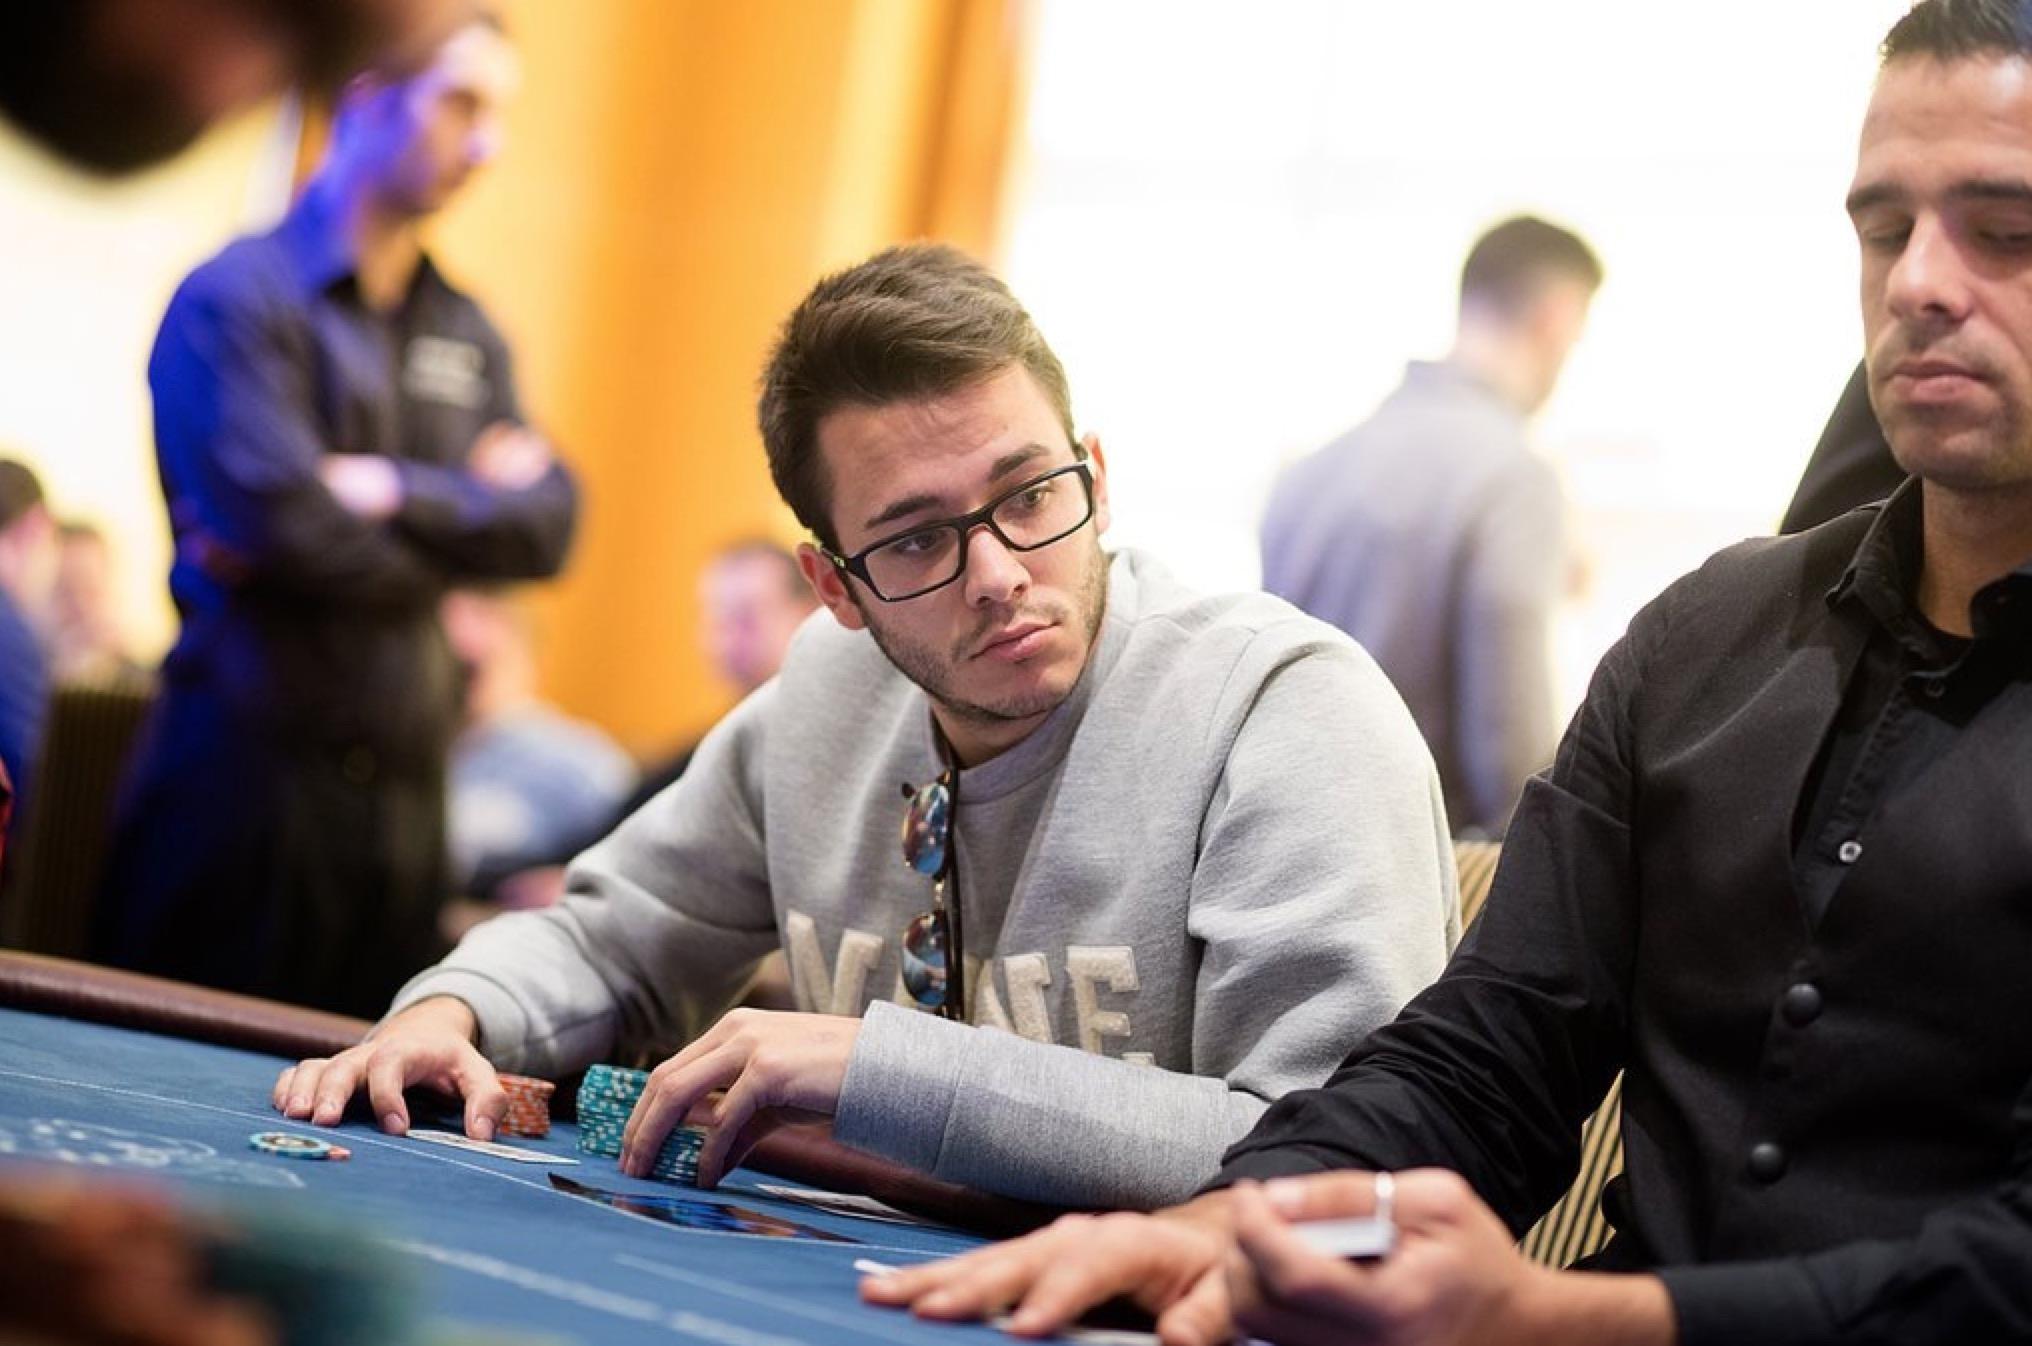 G0rd0nk poker